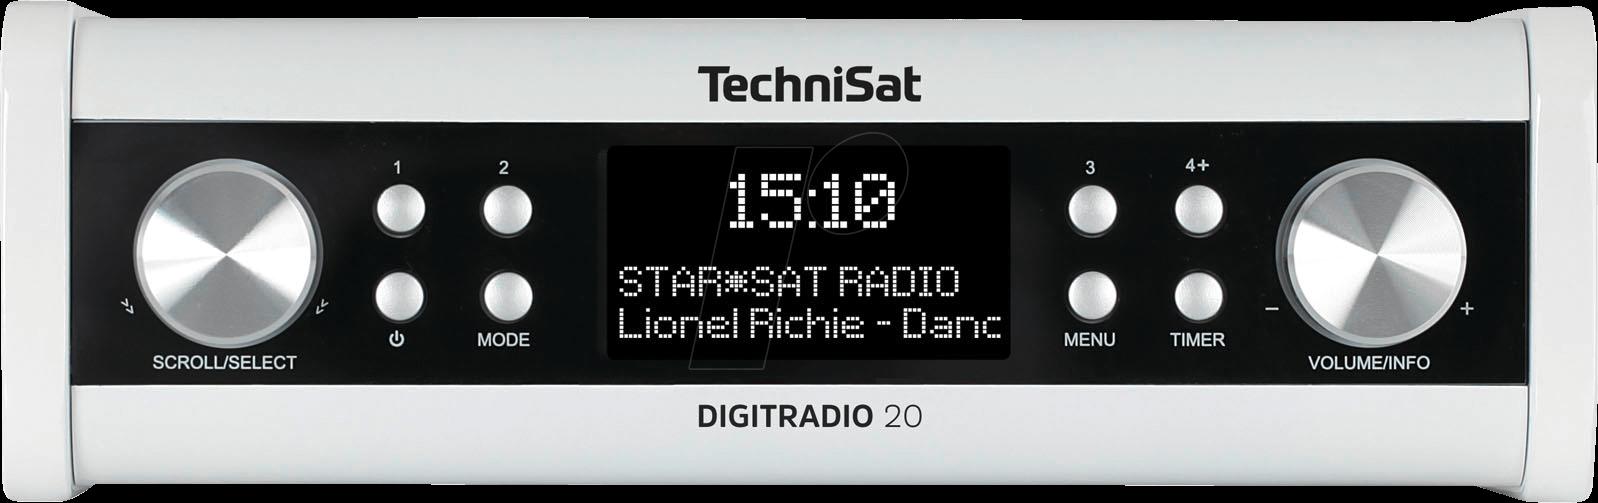 https://cdn-reichelt.de/bilder/web/xxl_ws/I600/TSAT_00014987_02.png